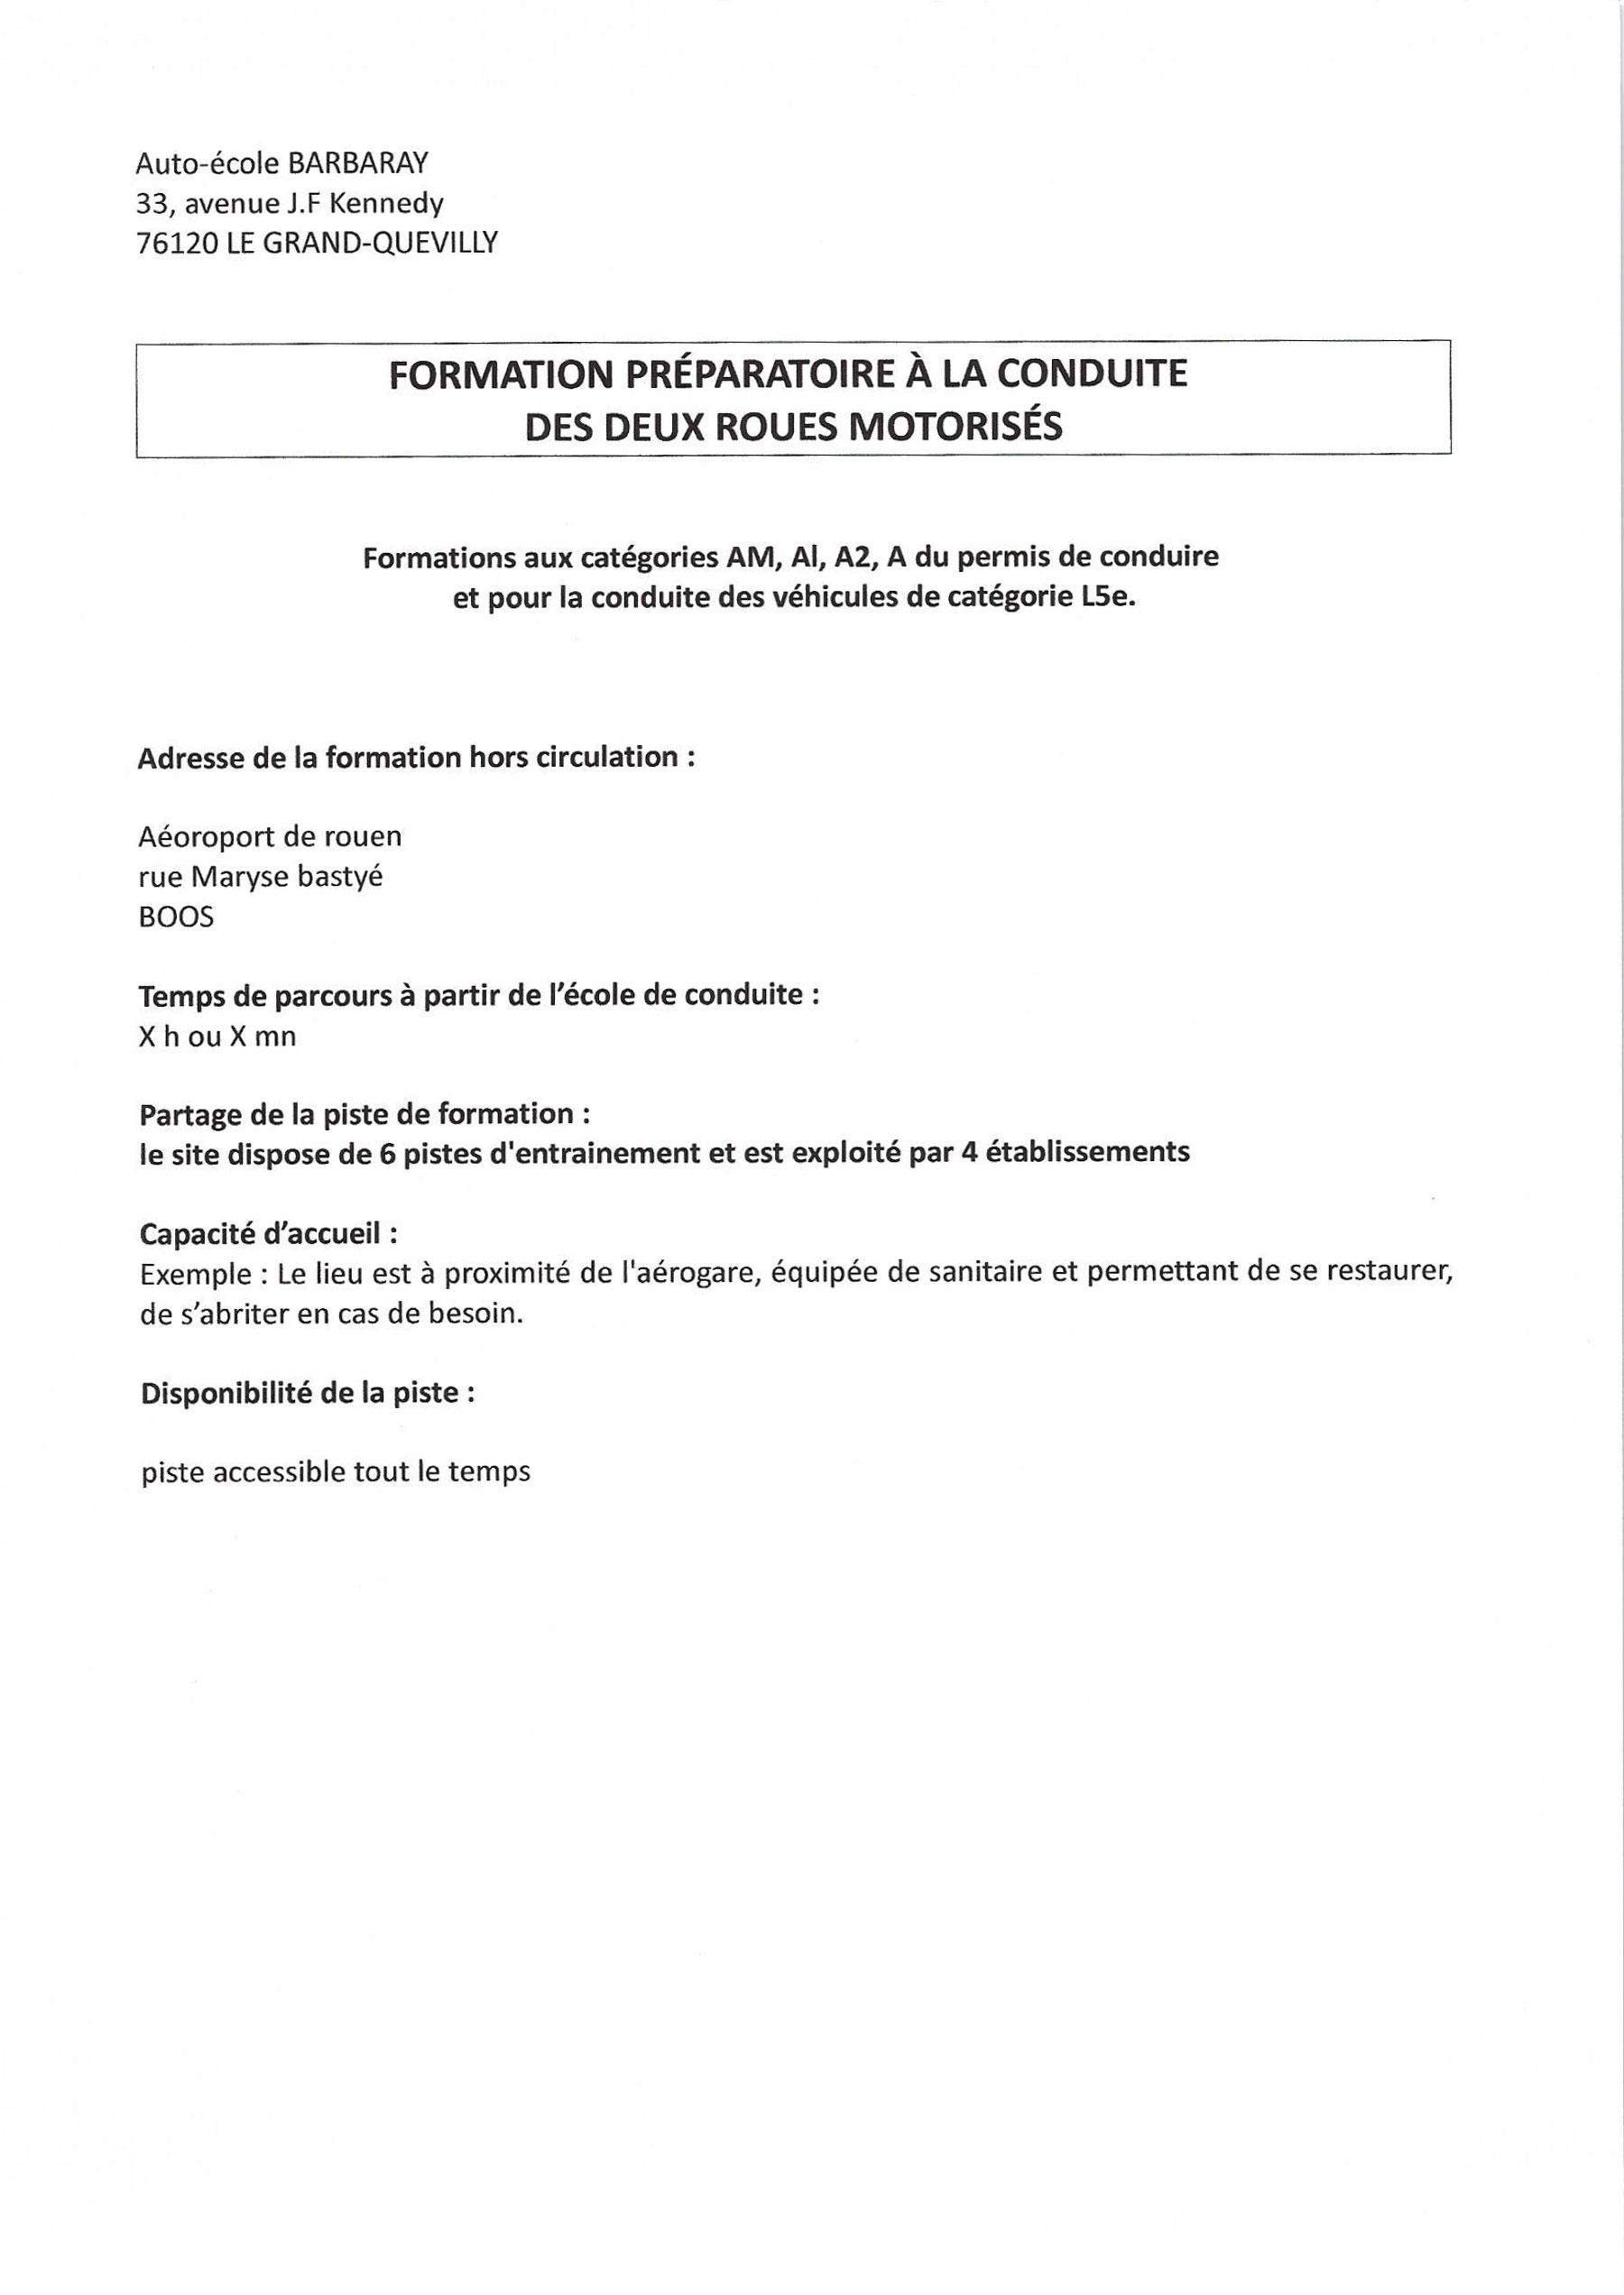 FORMATION-PREPARATOIRE-A-LA-CONDUITE-DES-2-ROUES-MOTORISES